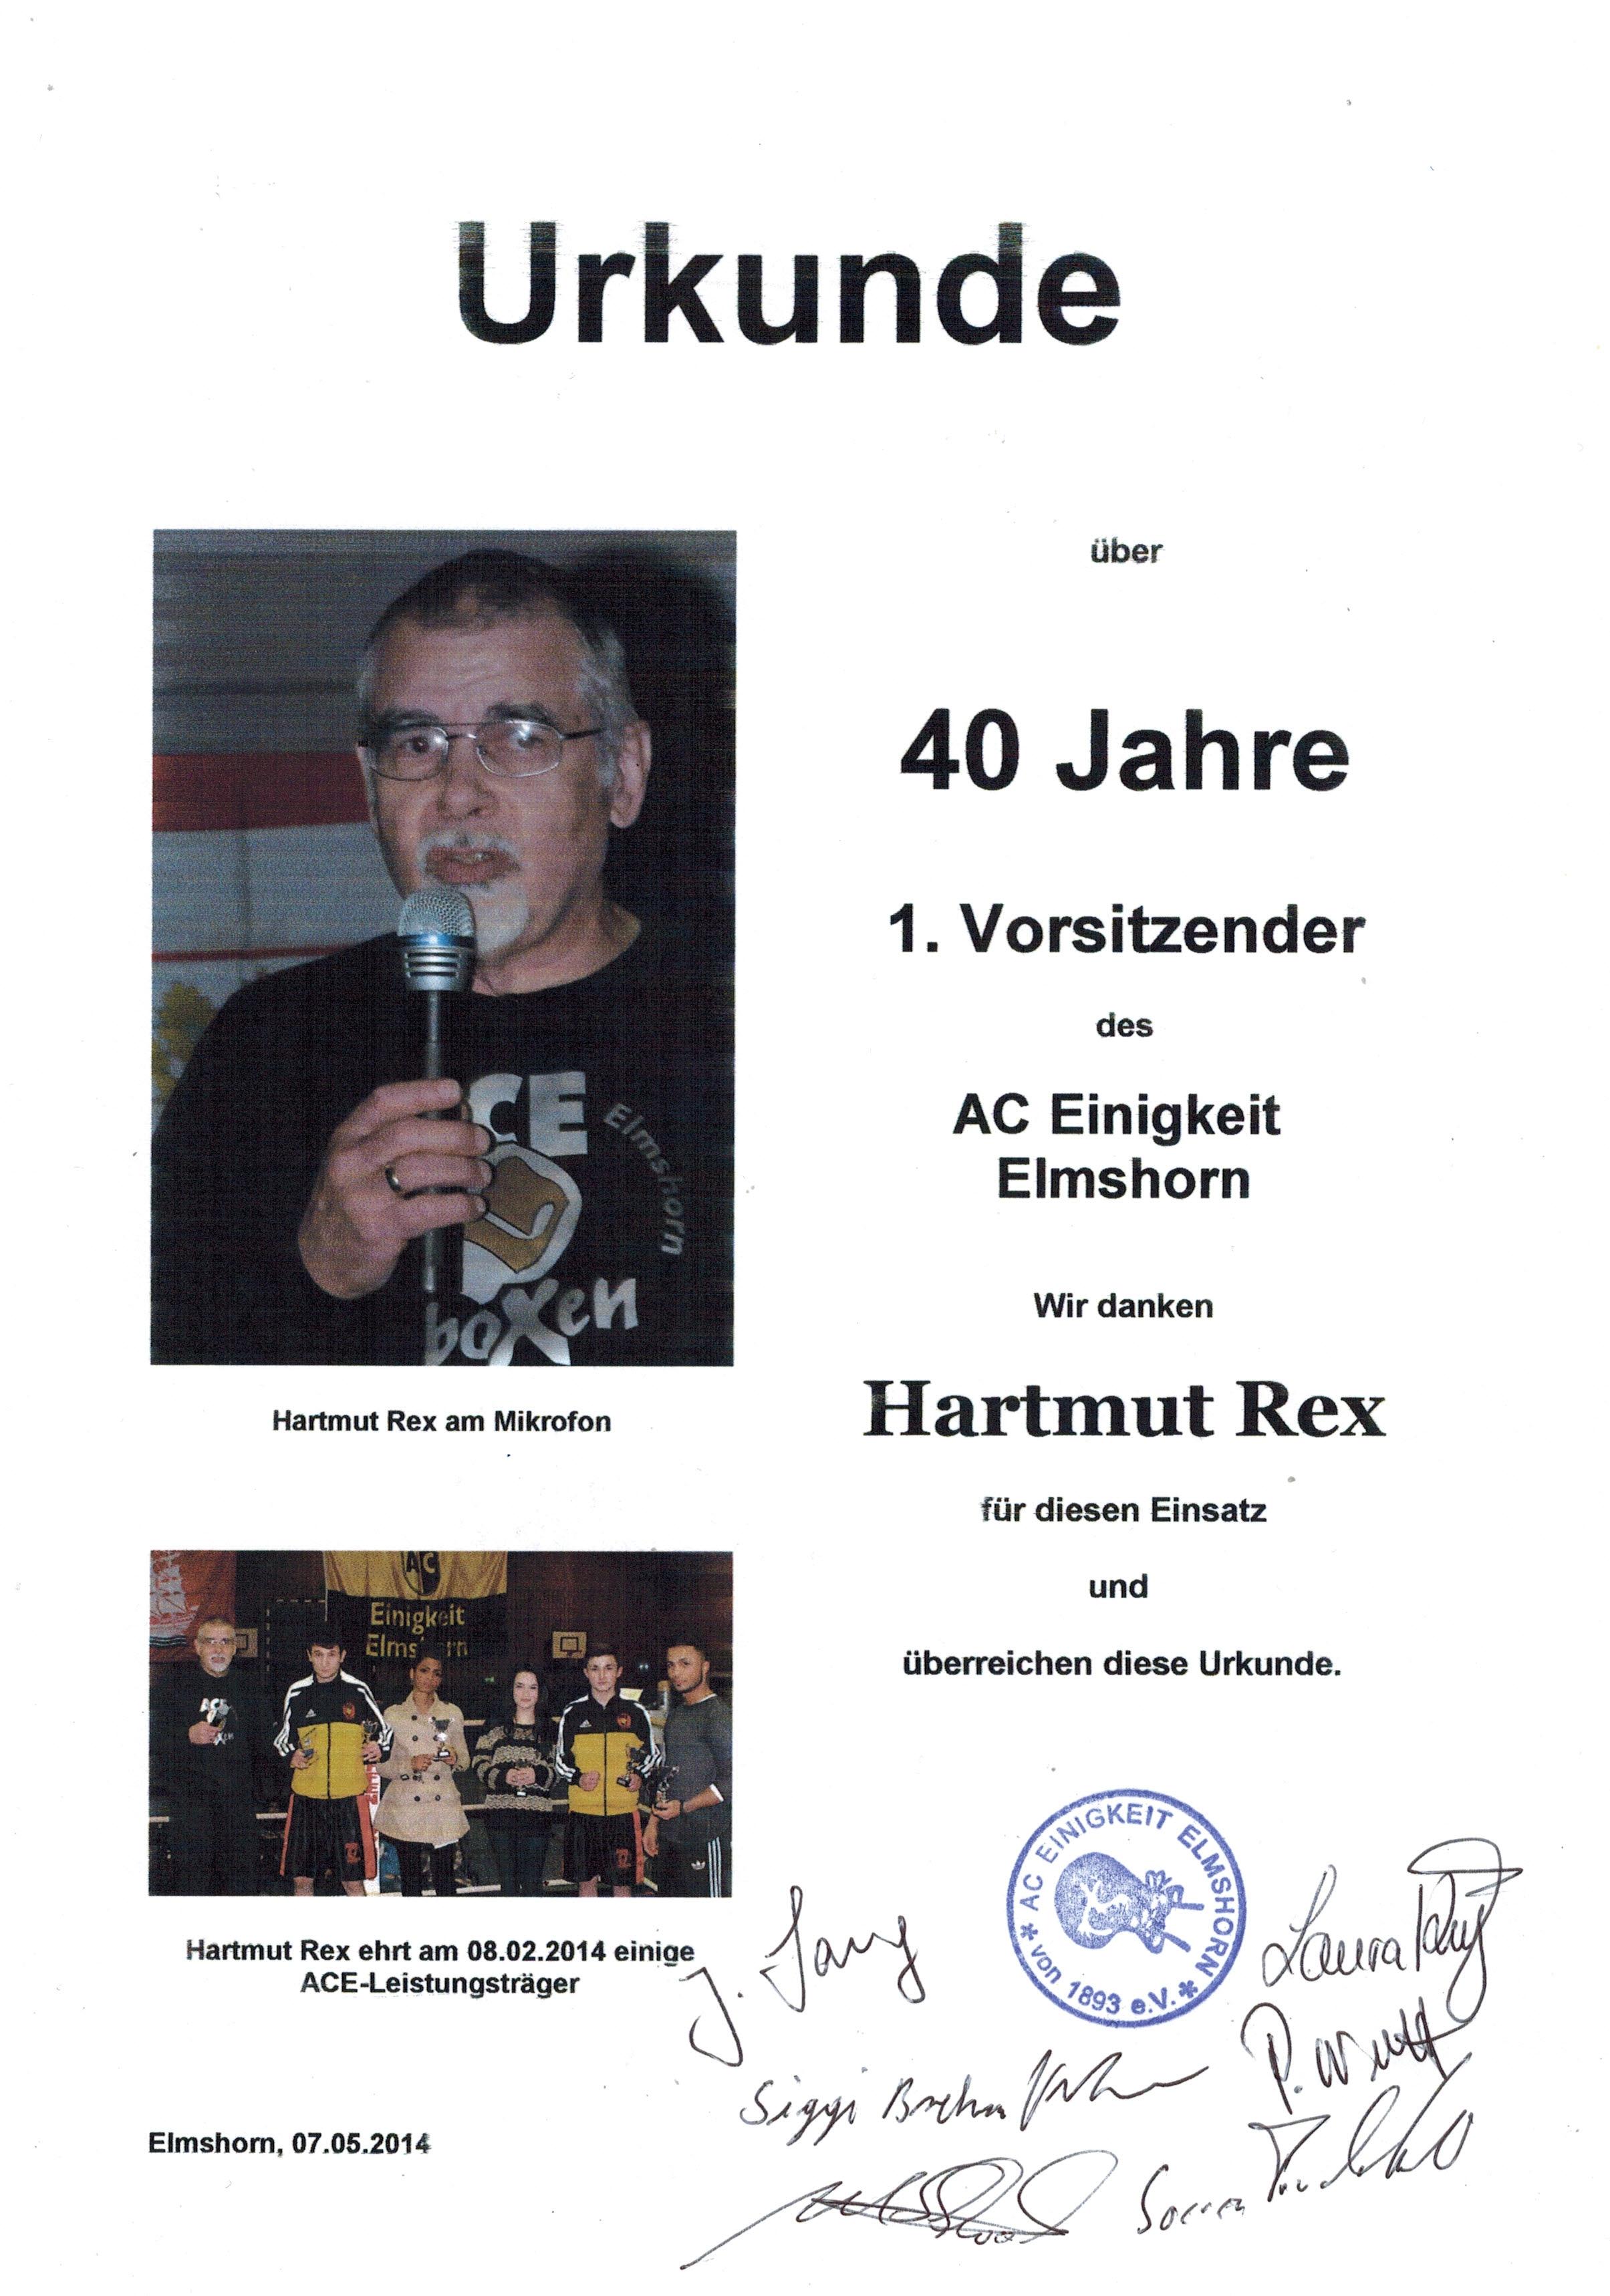 Hartmut Rex - Urkunde zu 40 Jahre 1. Vorsitzender